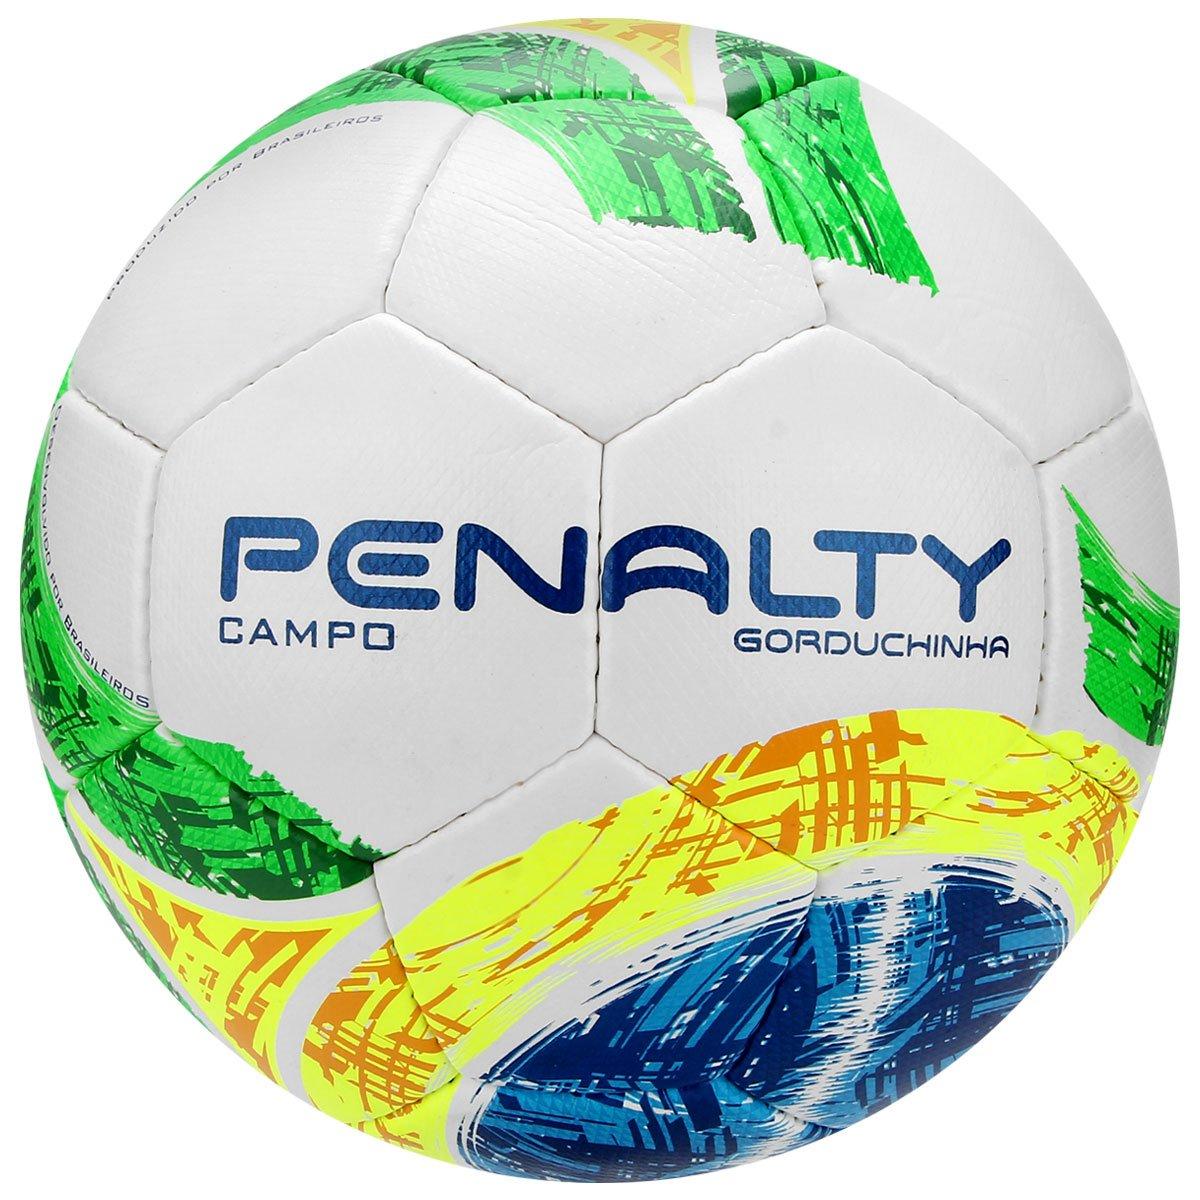 Bola Futebol Penalty Gorduchinha Campo - Compre Agora  d3431371cfdbb